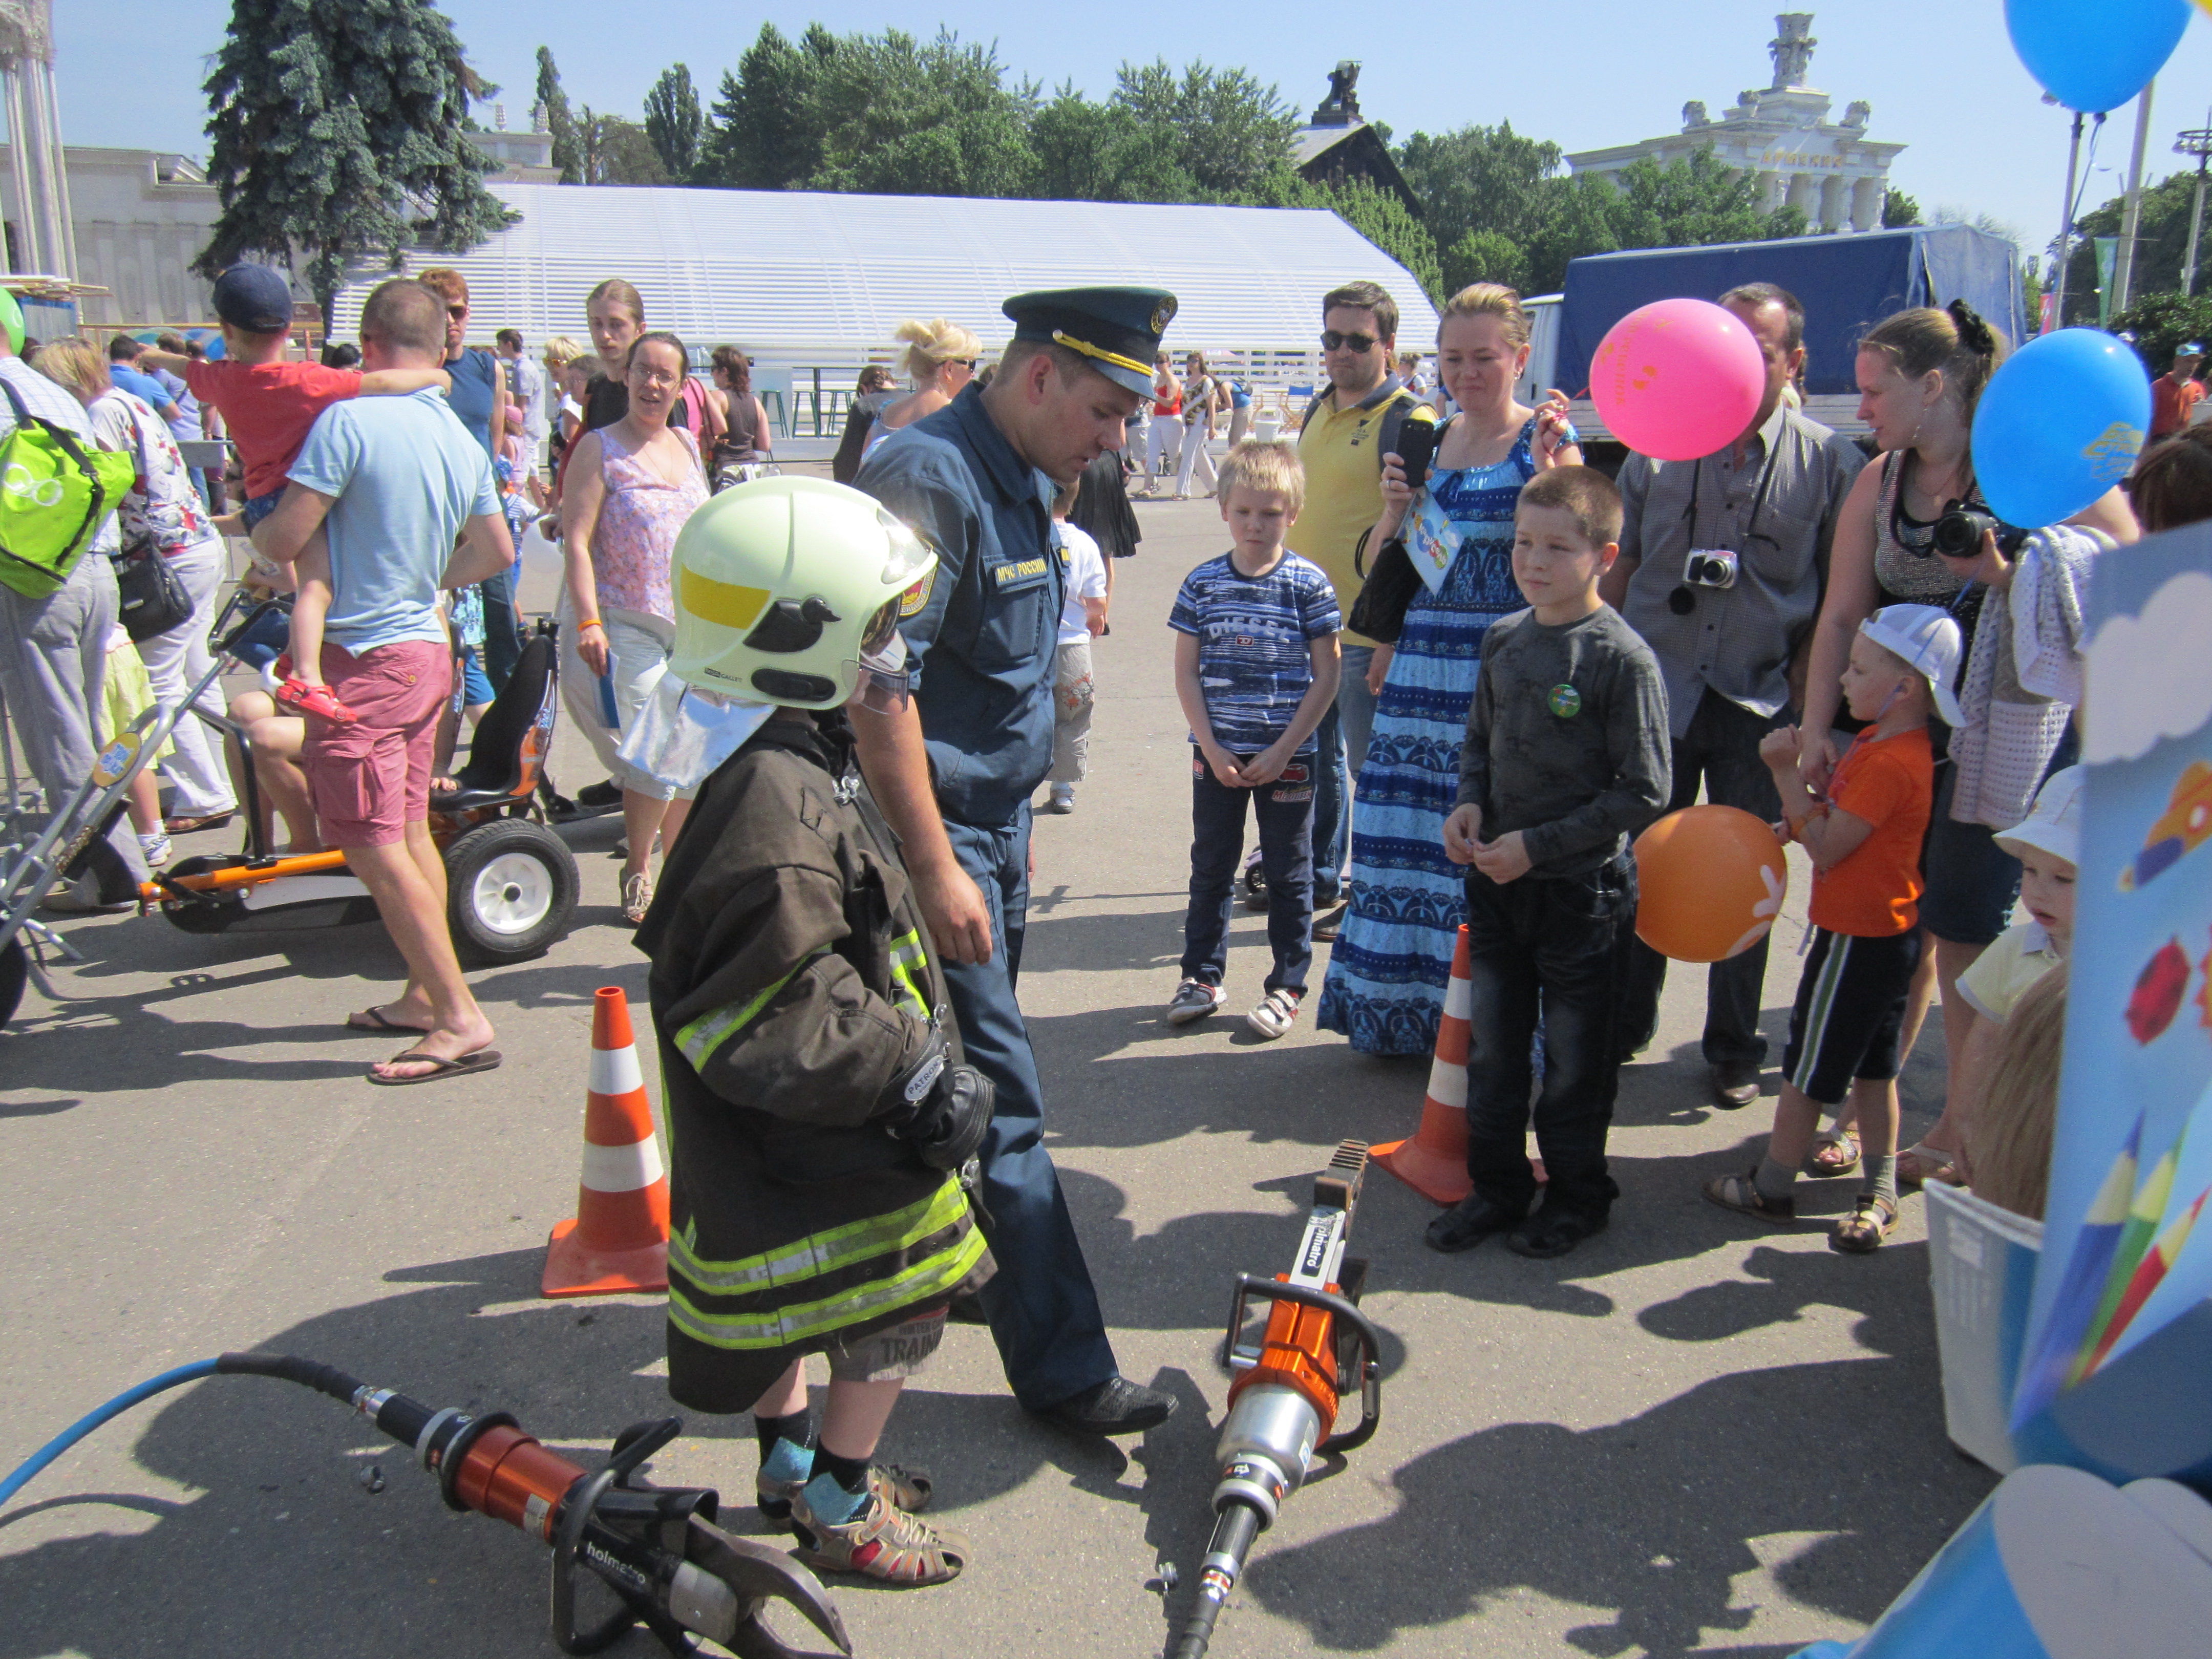 МЧС России в Международный день защиты детей проводит праздник для детей и их родителей